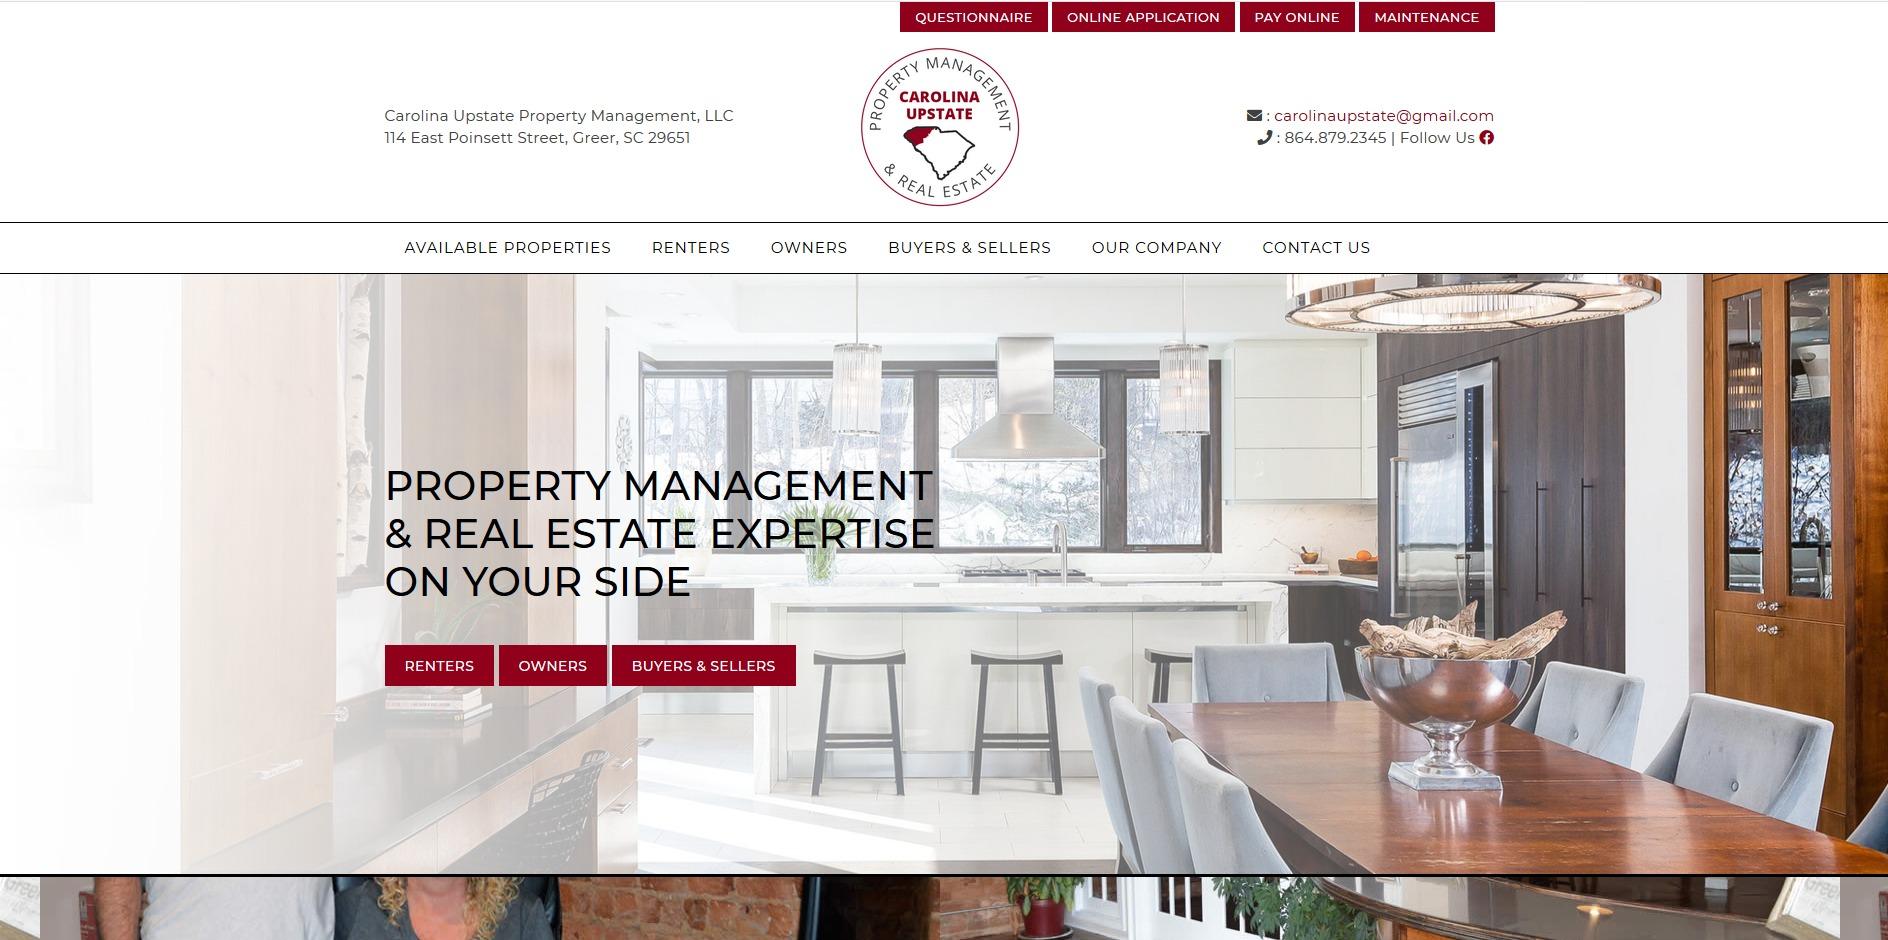 Carolina Upstate Property Management